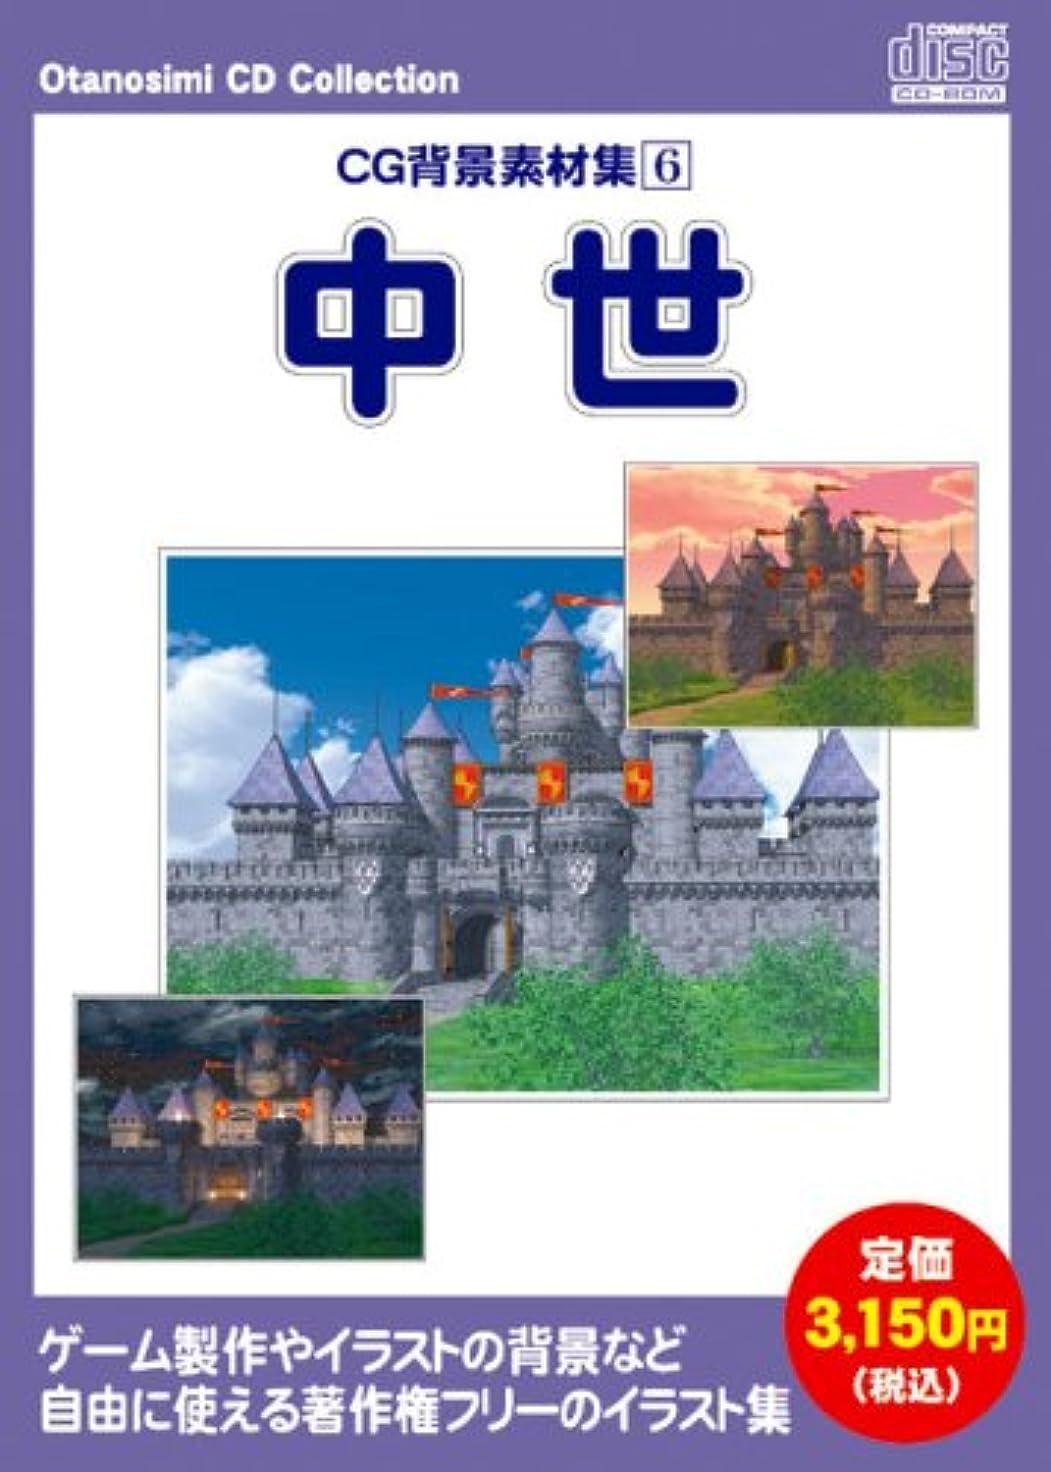 お楽しみCDコレクション 「CG背景素材集 6 中世」